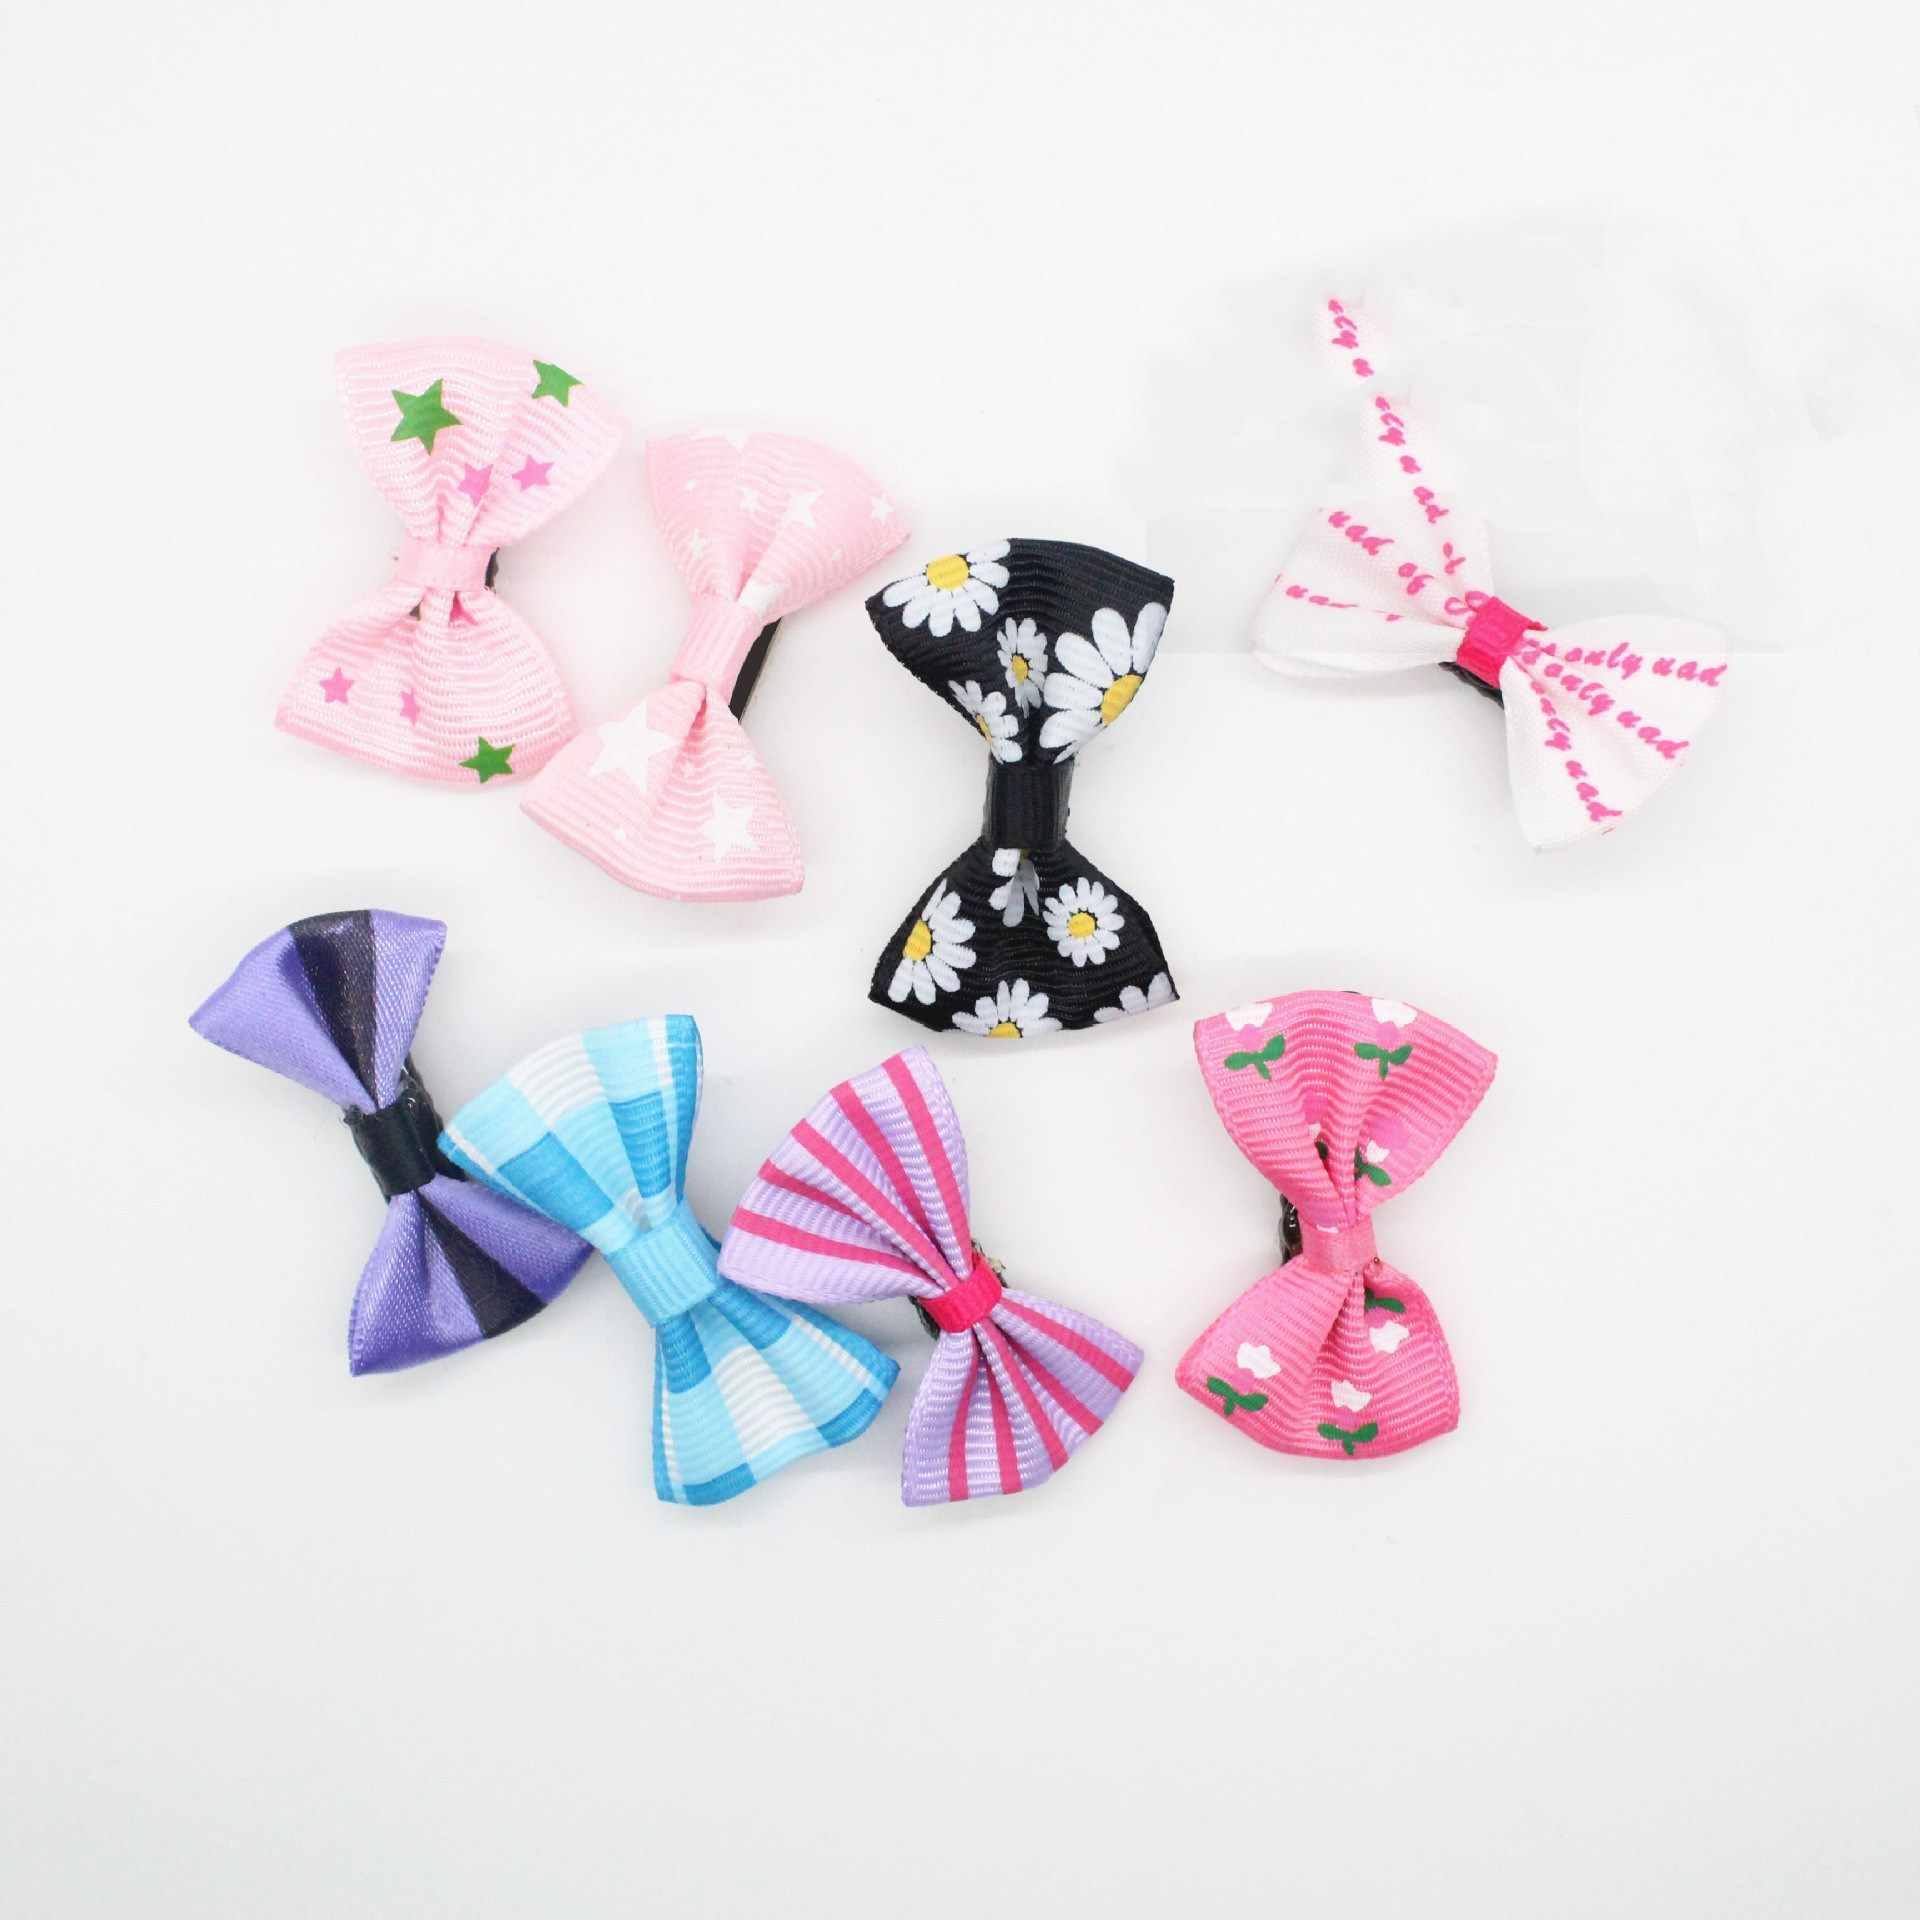 5 stks/partij Hond Kitten Puppy Leuke Pet Grooming Effen Katoen Boog Bloem Haarspelden Vlinder Haar Clips Haarspeld Accessoires